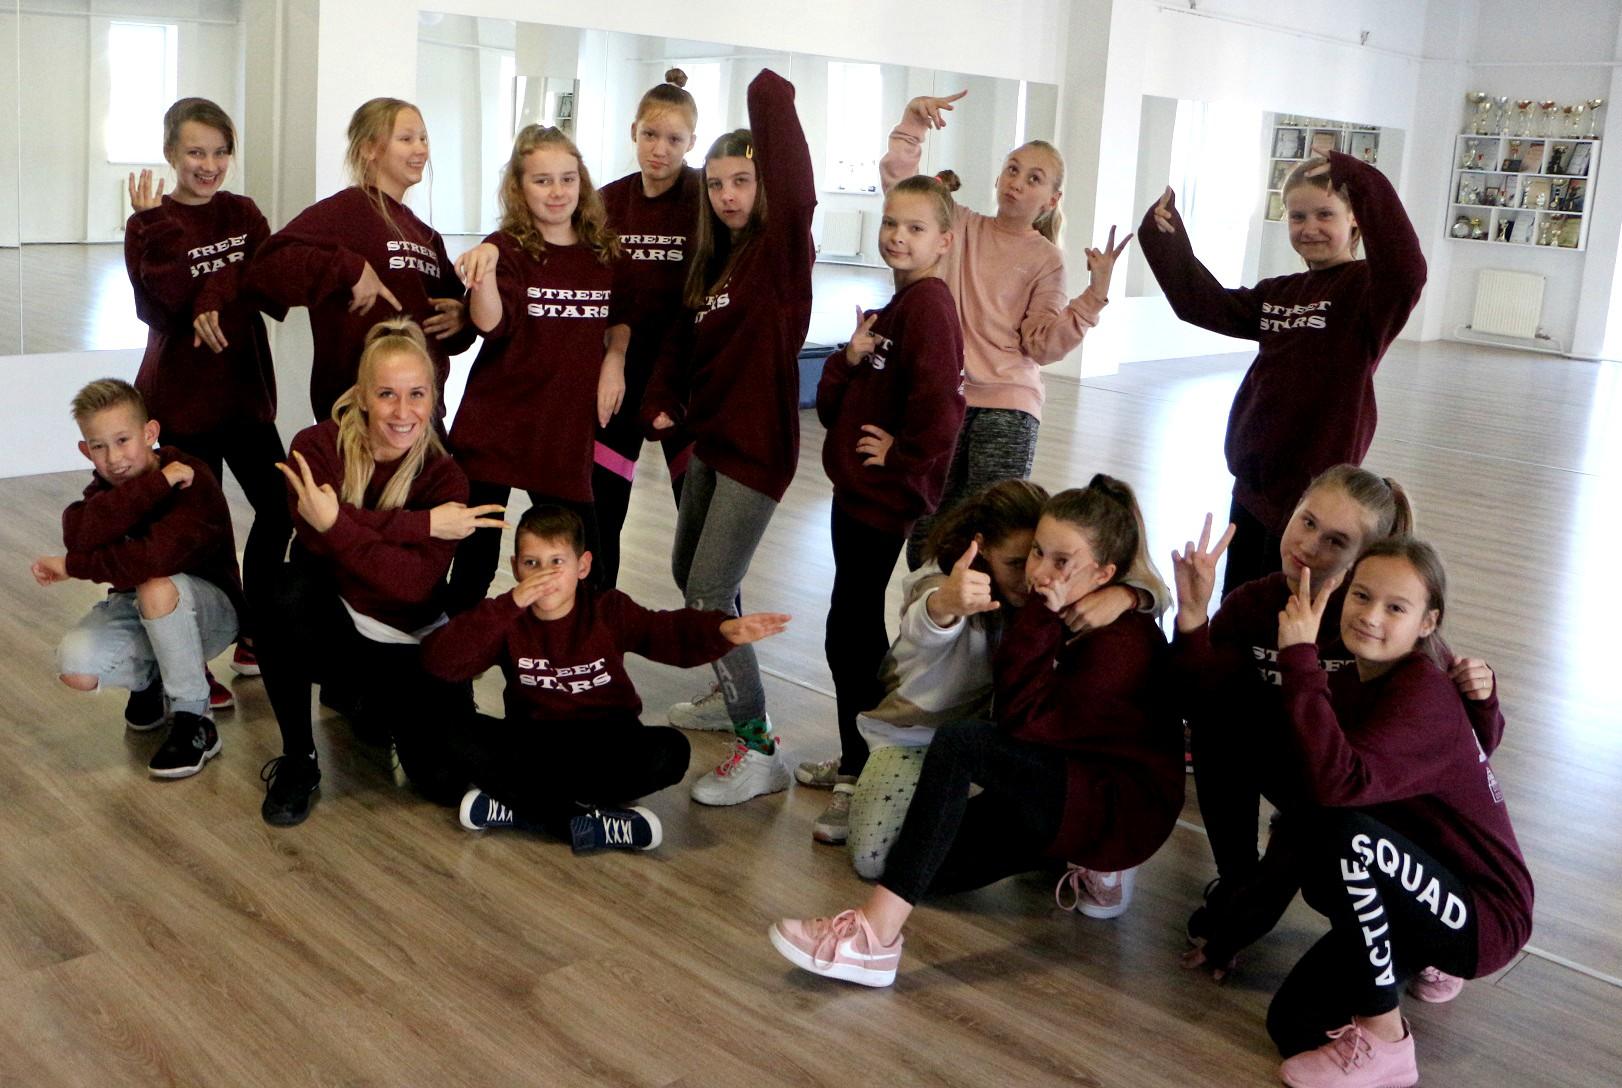 """Pernai 8–12 metų vaikų kolektyvas """"Street stars"""" debiutavo Lietuvos gatvės šokių čempionate """"Lithuania Open 2019"""" ir savo kategorijoje tapo šių varžybų nugalėtoja bei iškovojo teisę atstovauti Lietuvą pasaulyje. / Asmeninio archyvo nuotr."""